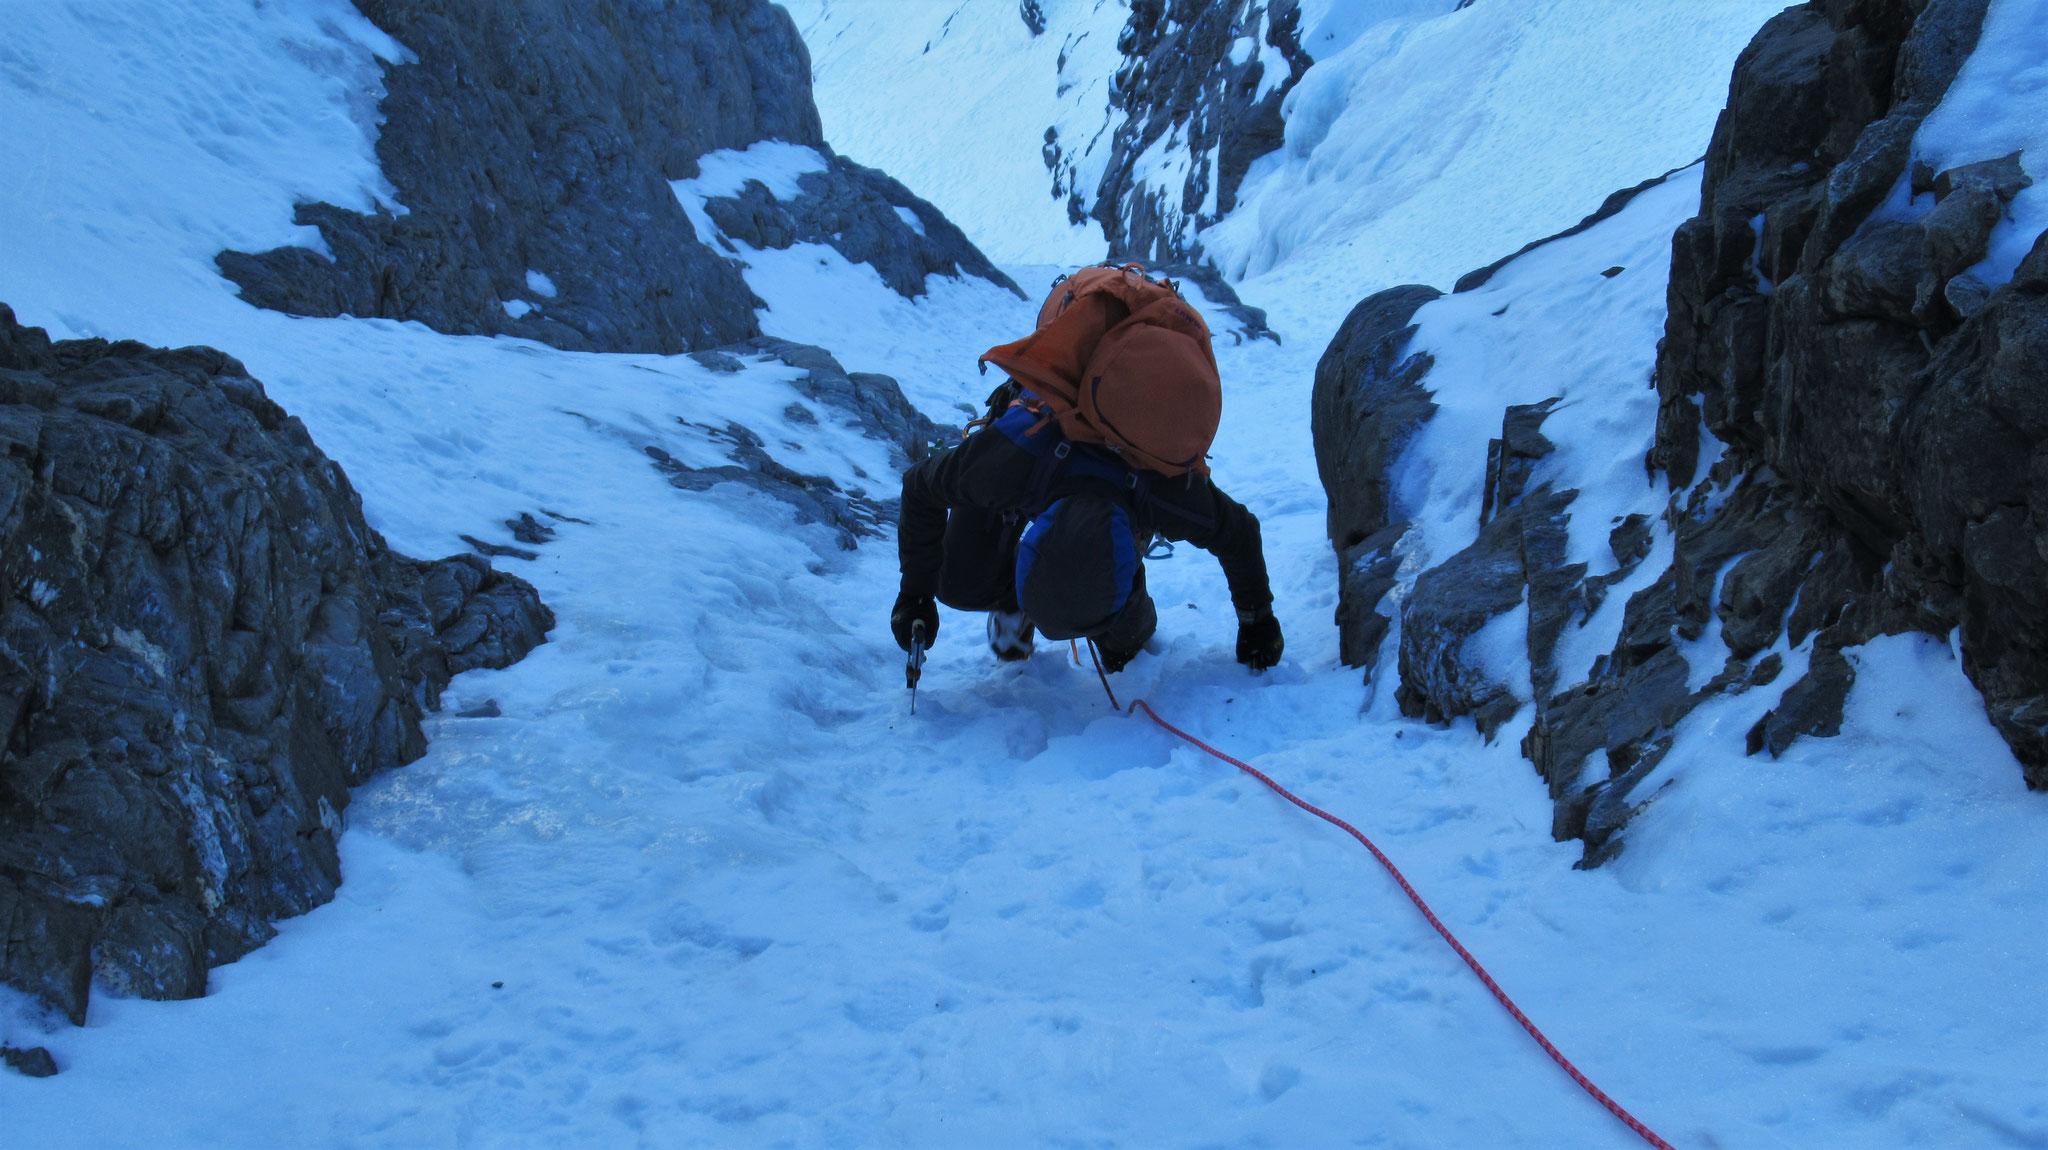 La pente de neige sous le ressaut sommital  -  Cascade guide Maurienne